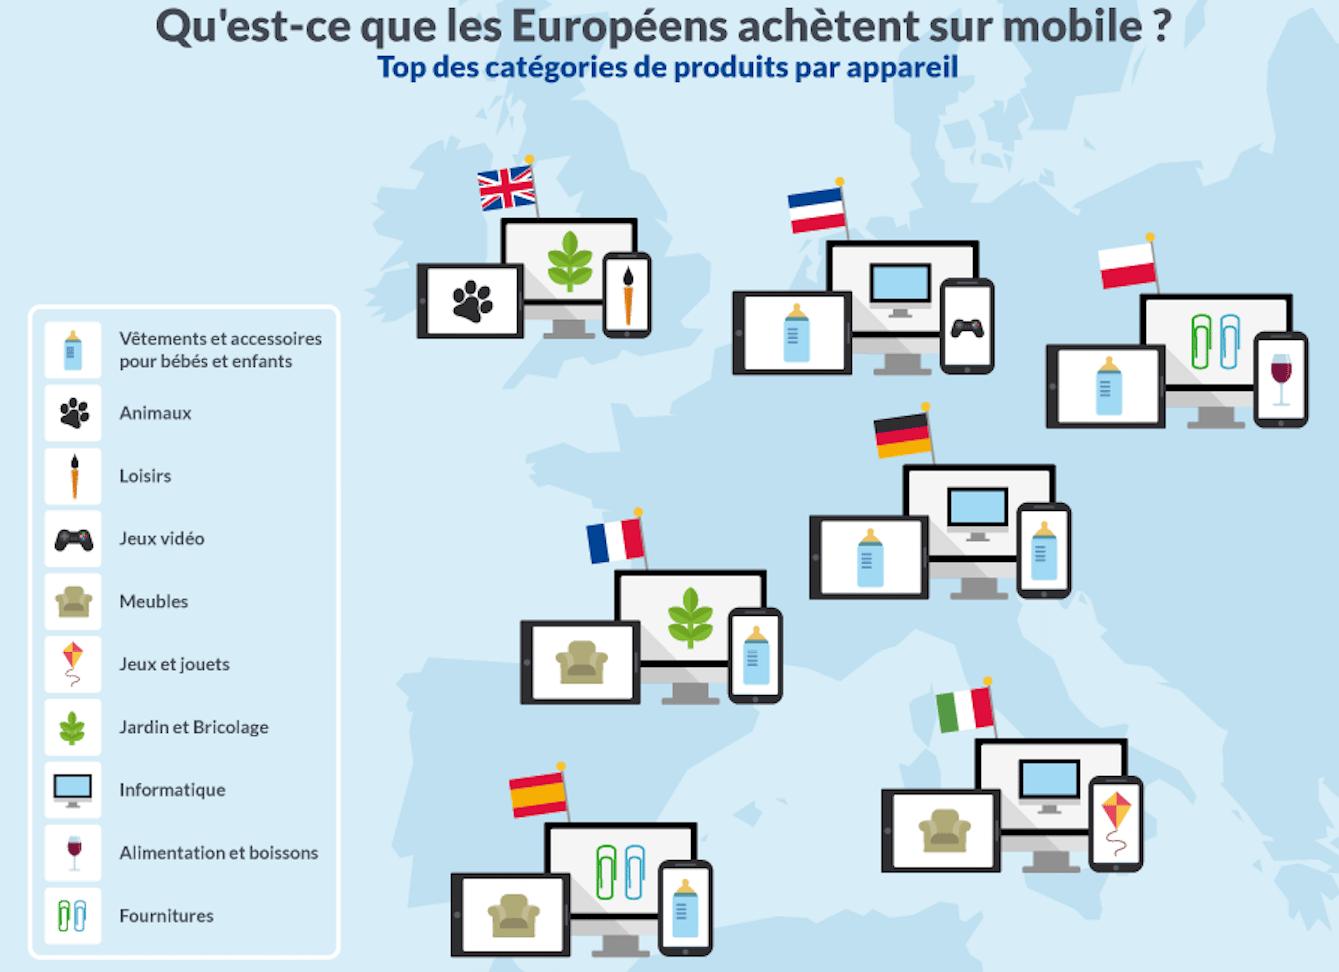 types de produits les plus achetés via mobile en 2015